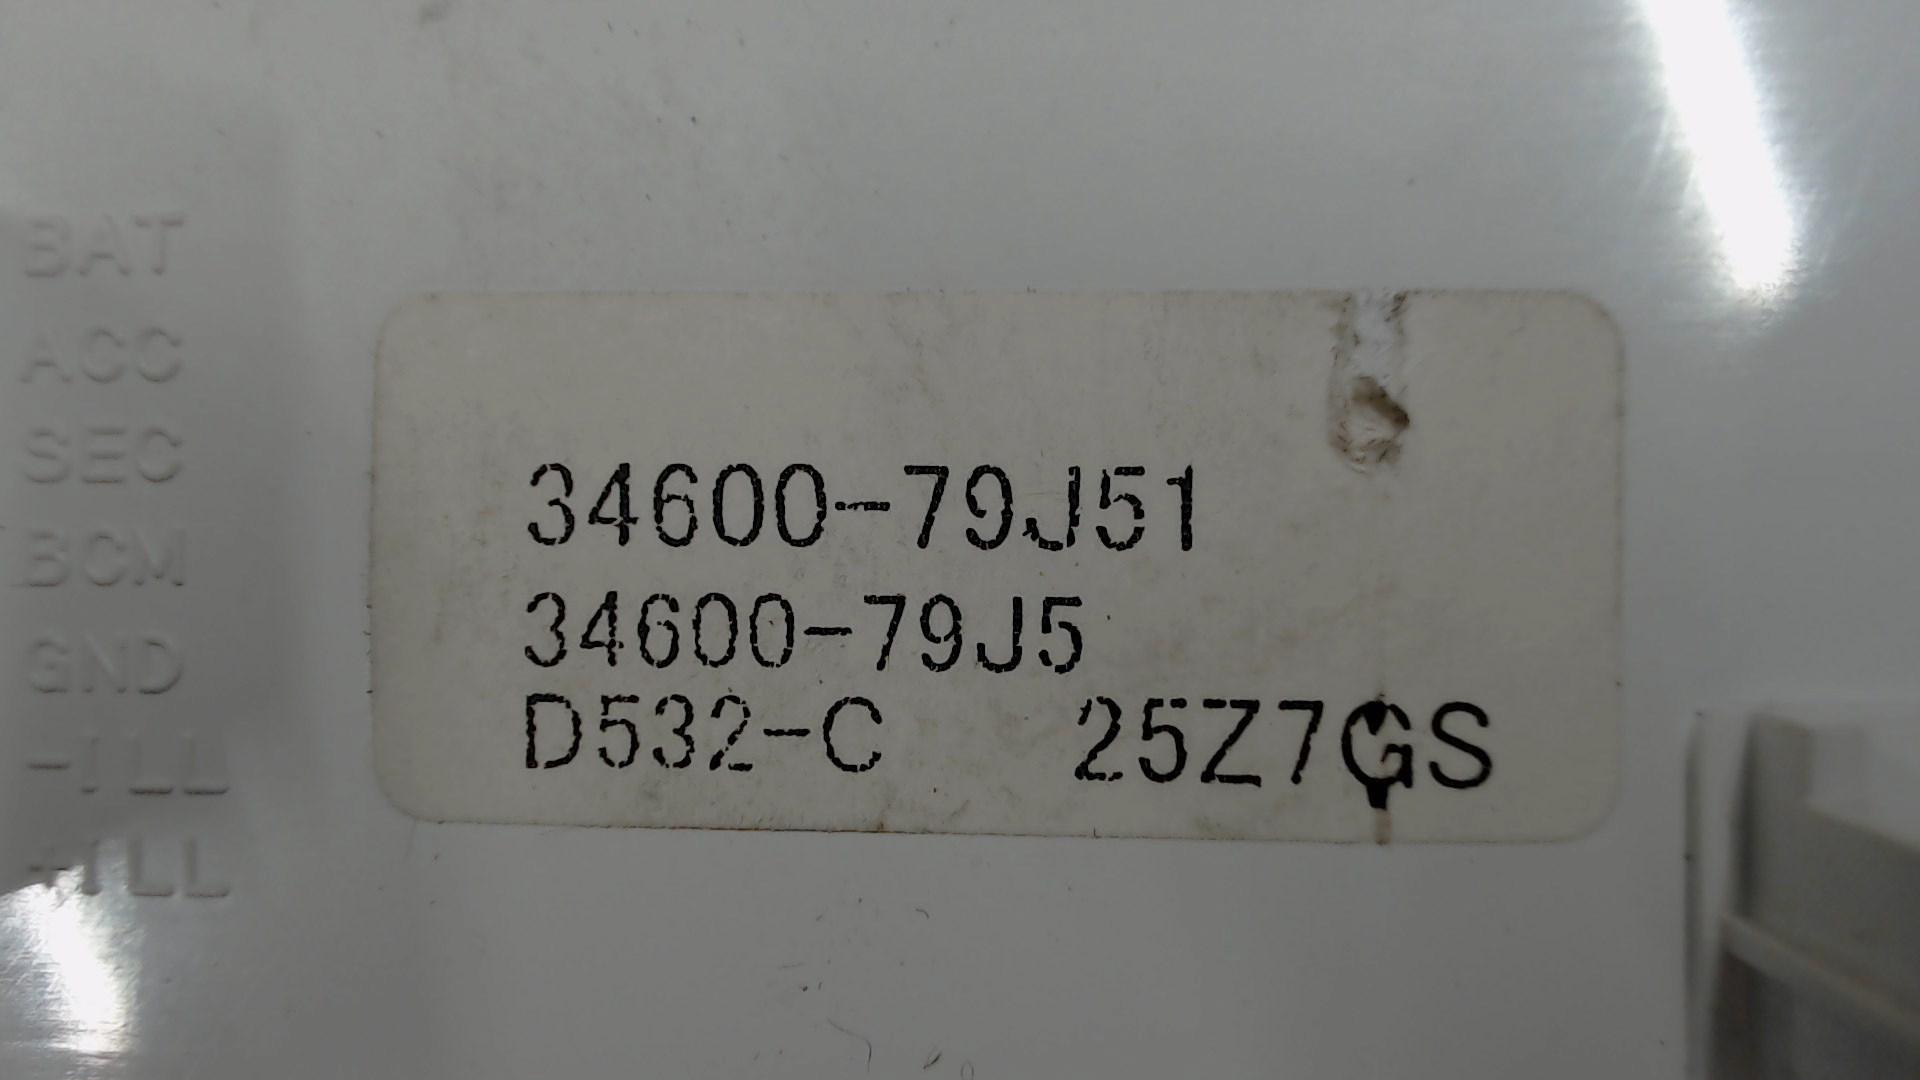 Часы Suzuki SX4 1 3460079J01